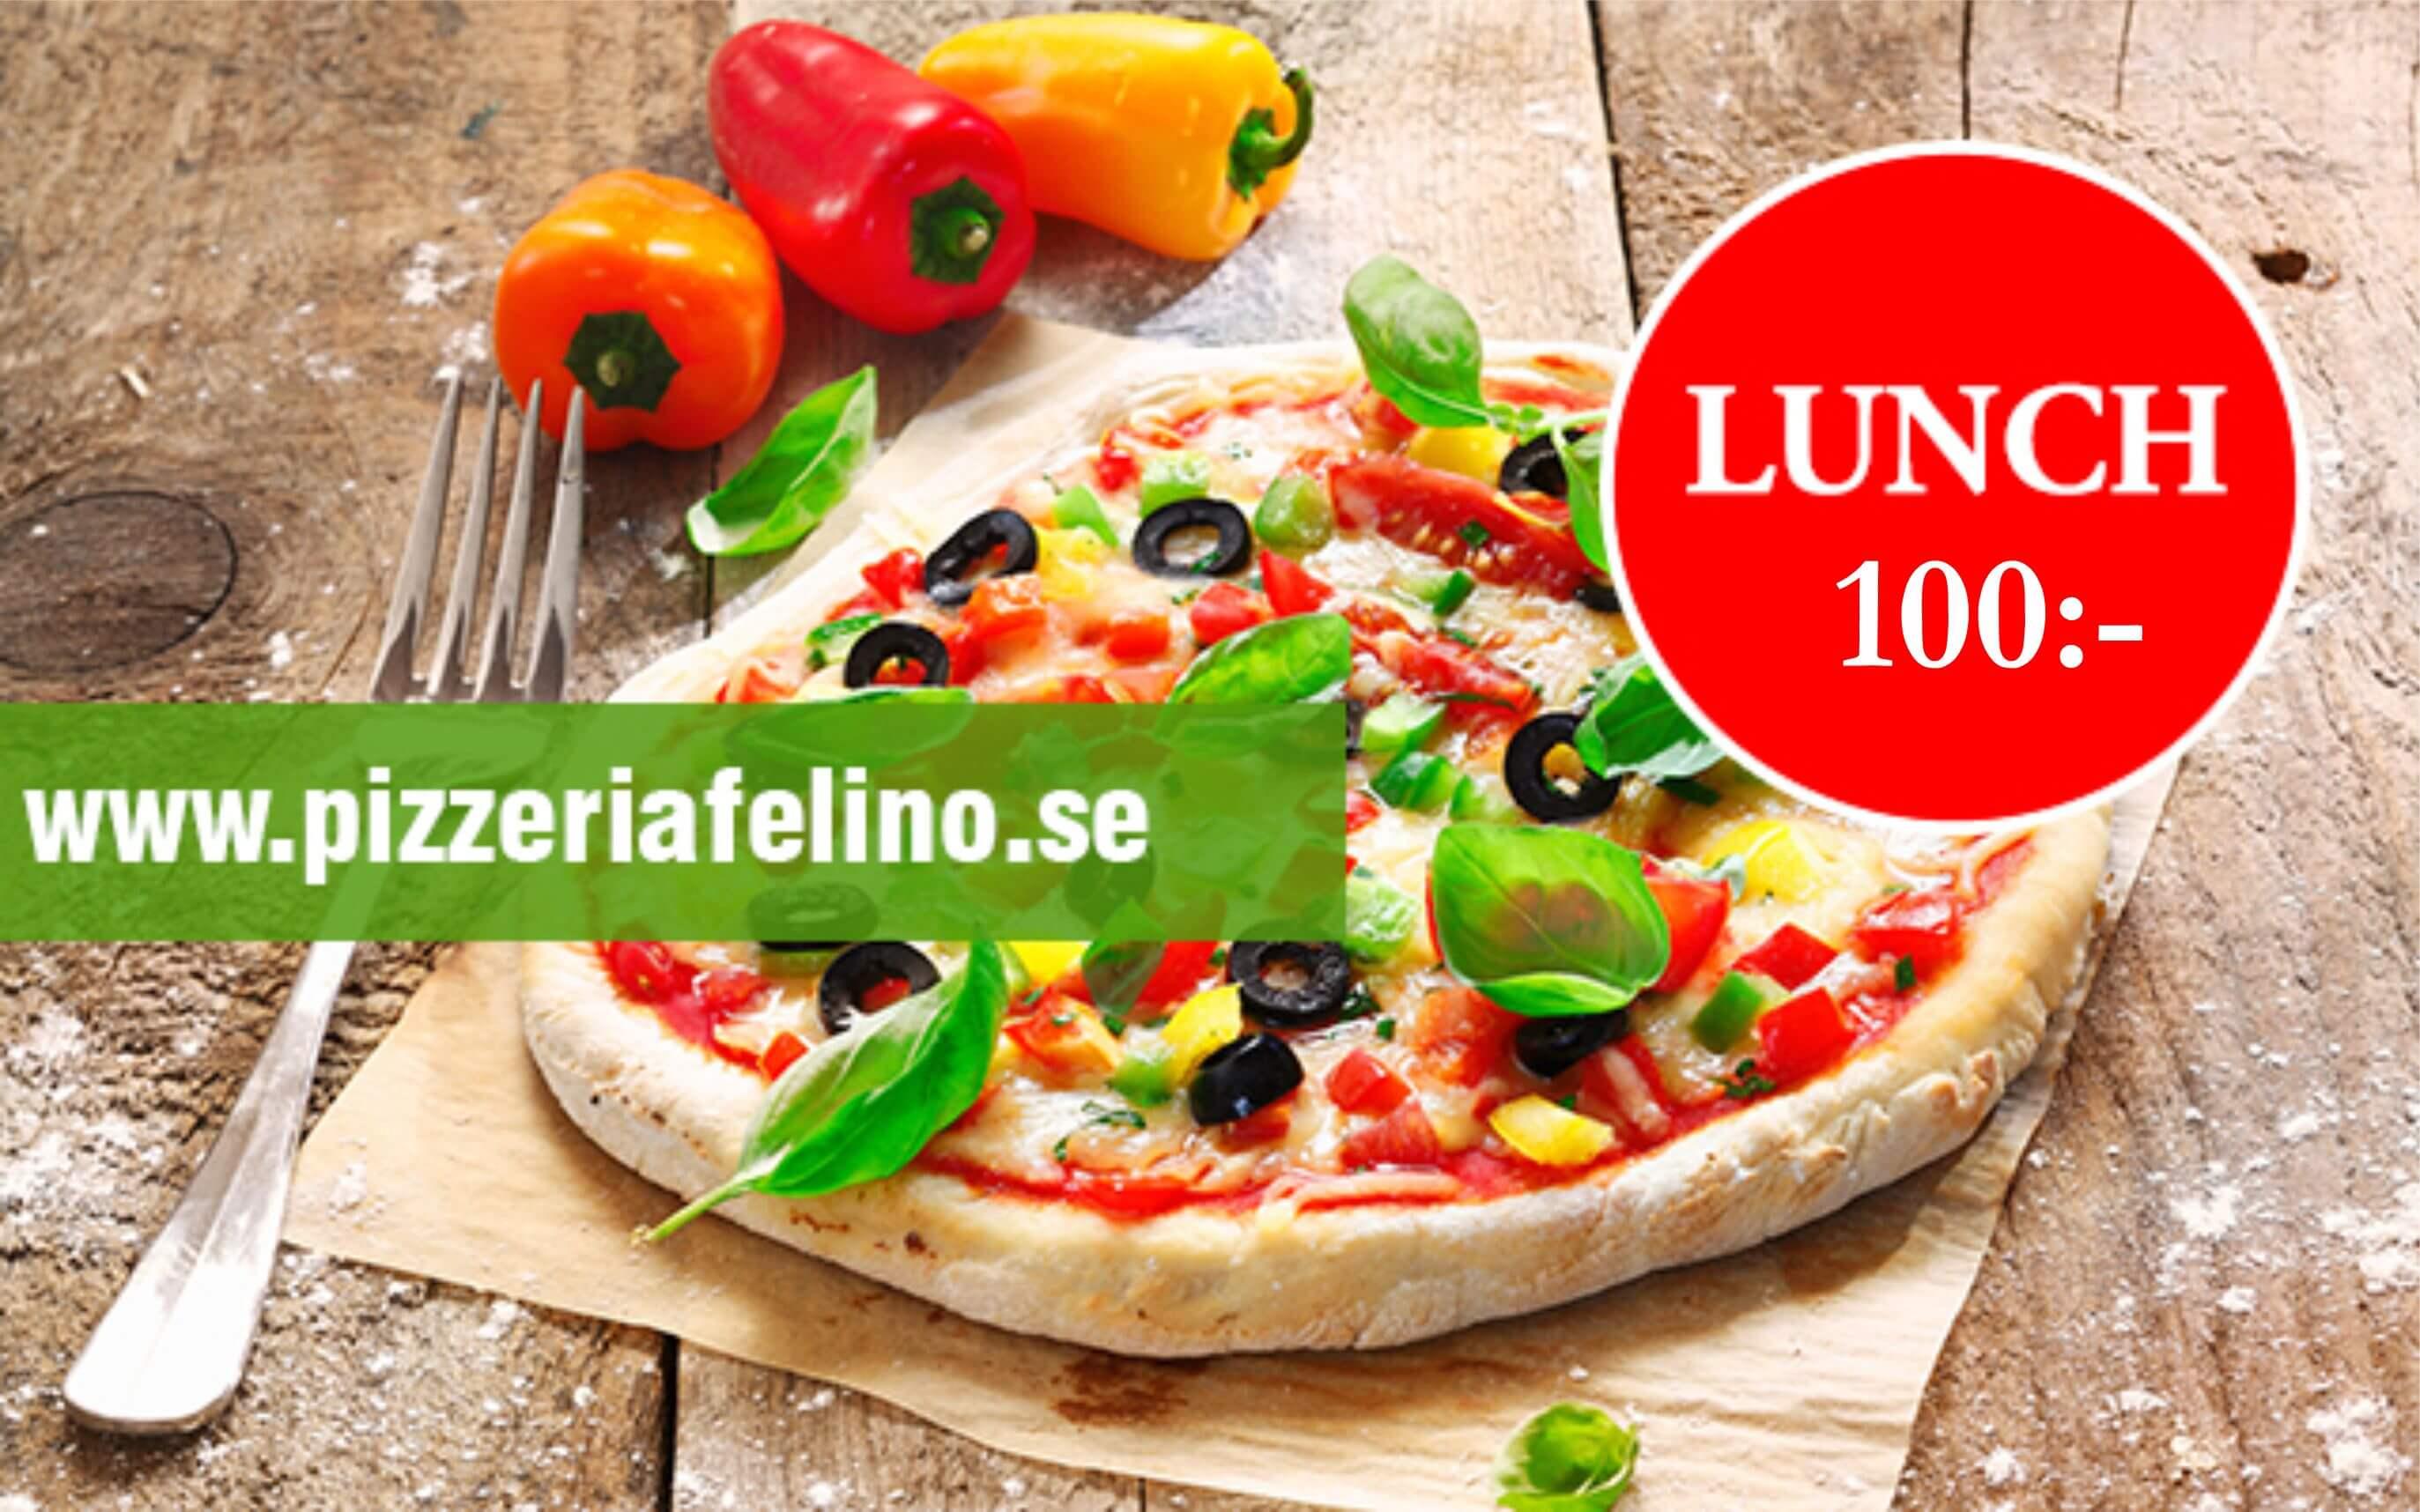 lunch-100 felino